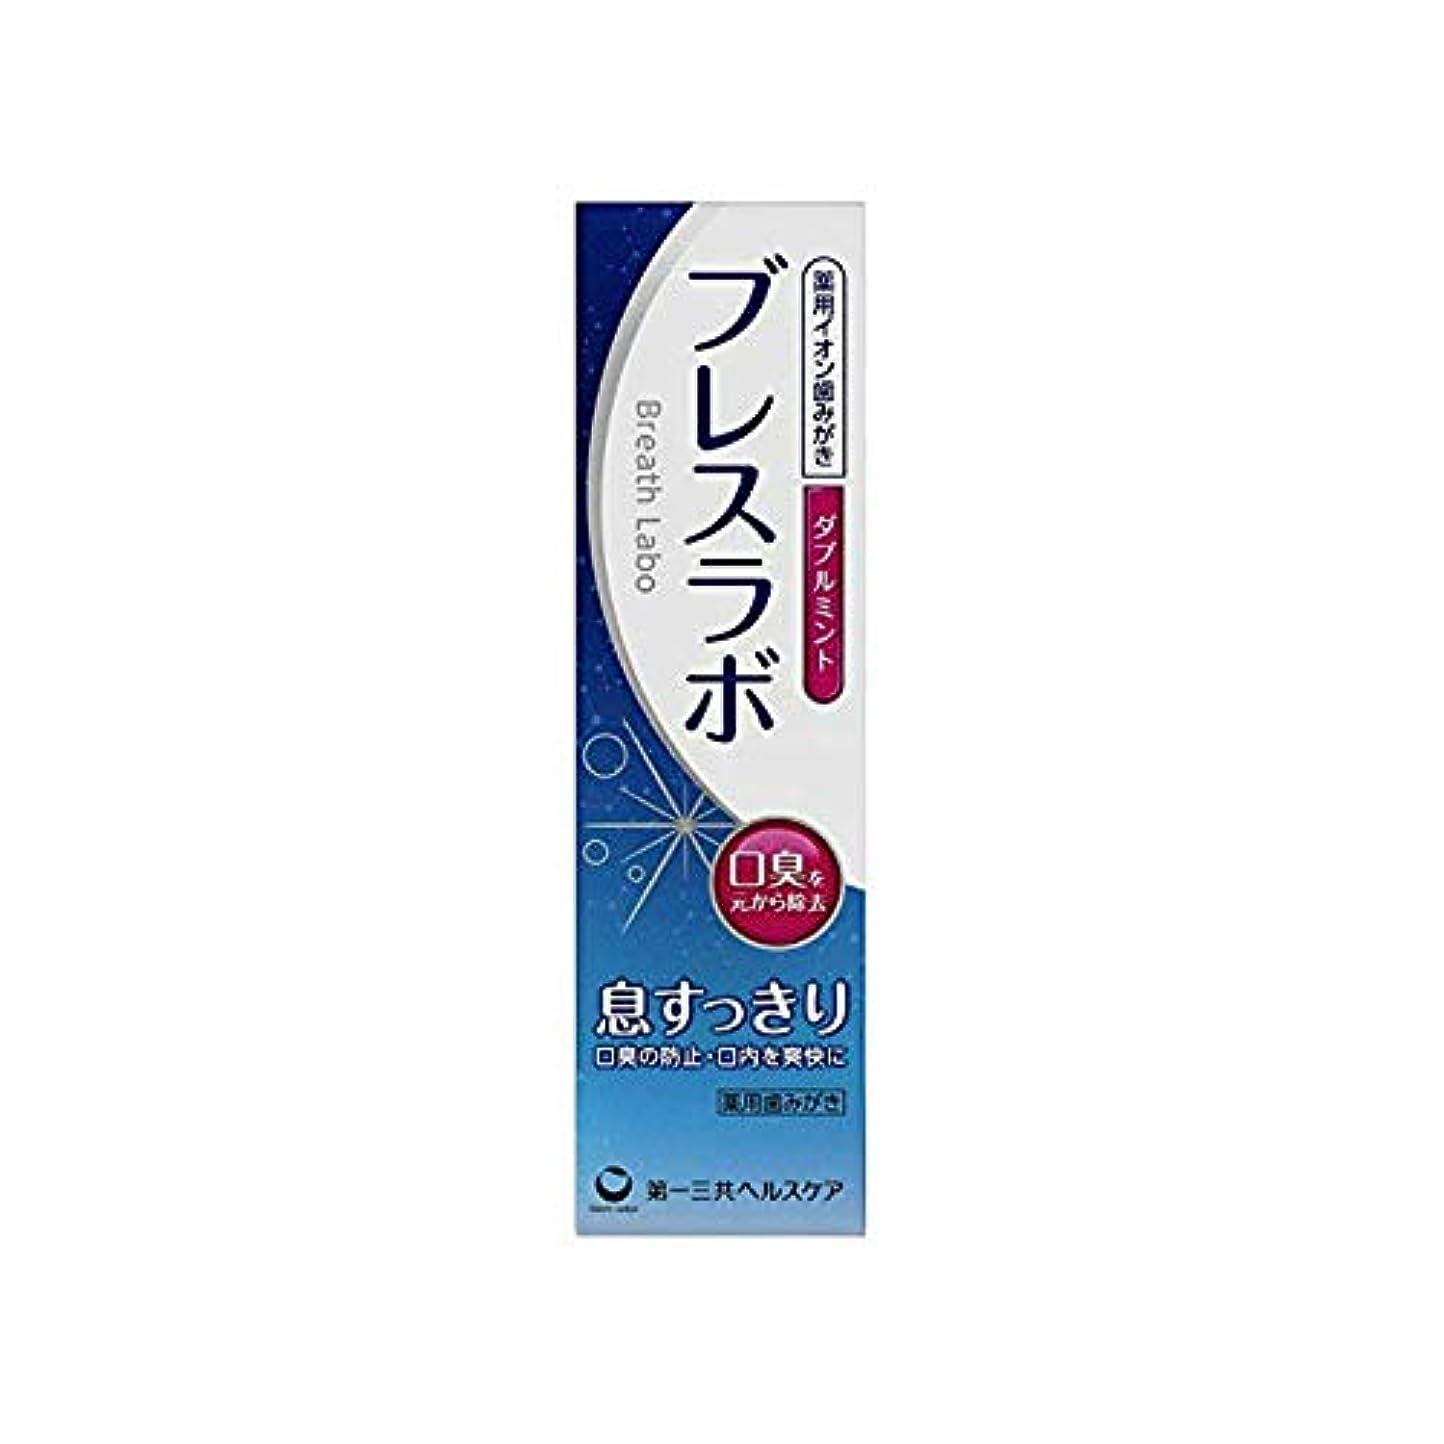 貨物サンプル緩める【10個セット】ブレスラボ ダブルミント 90g